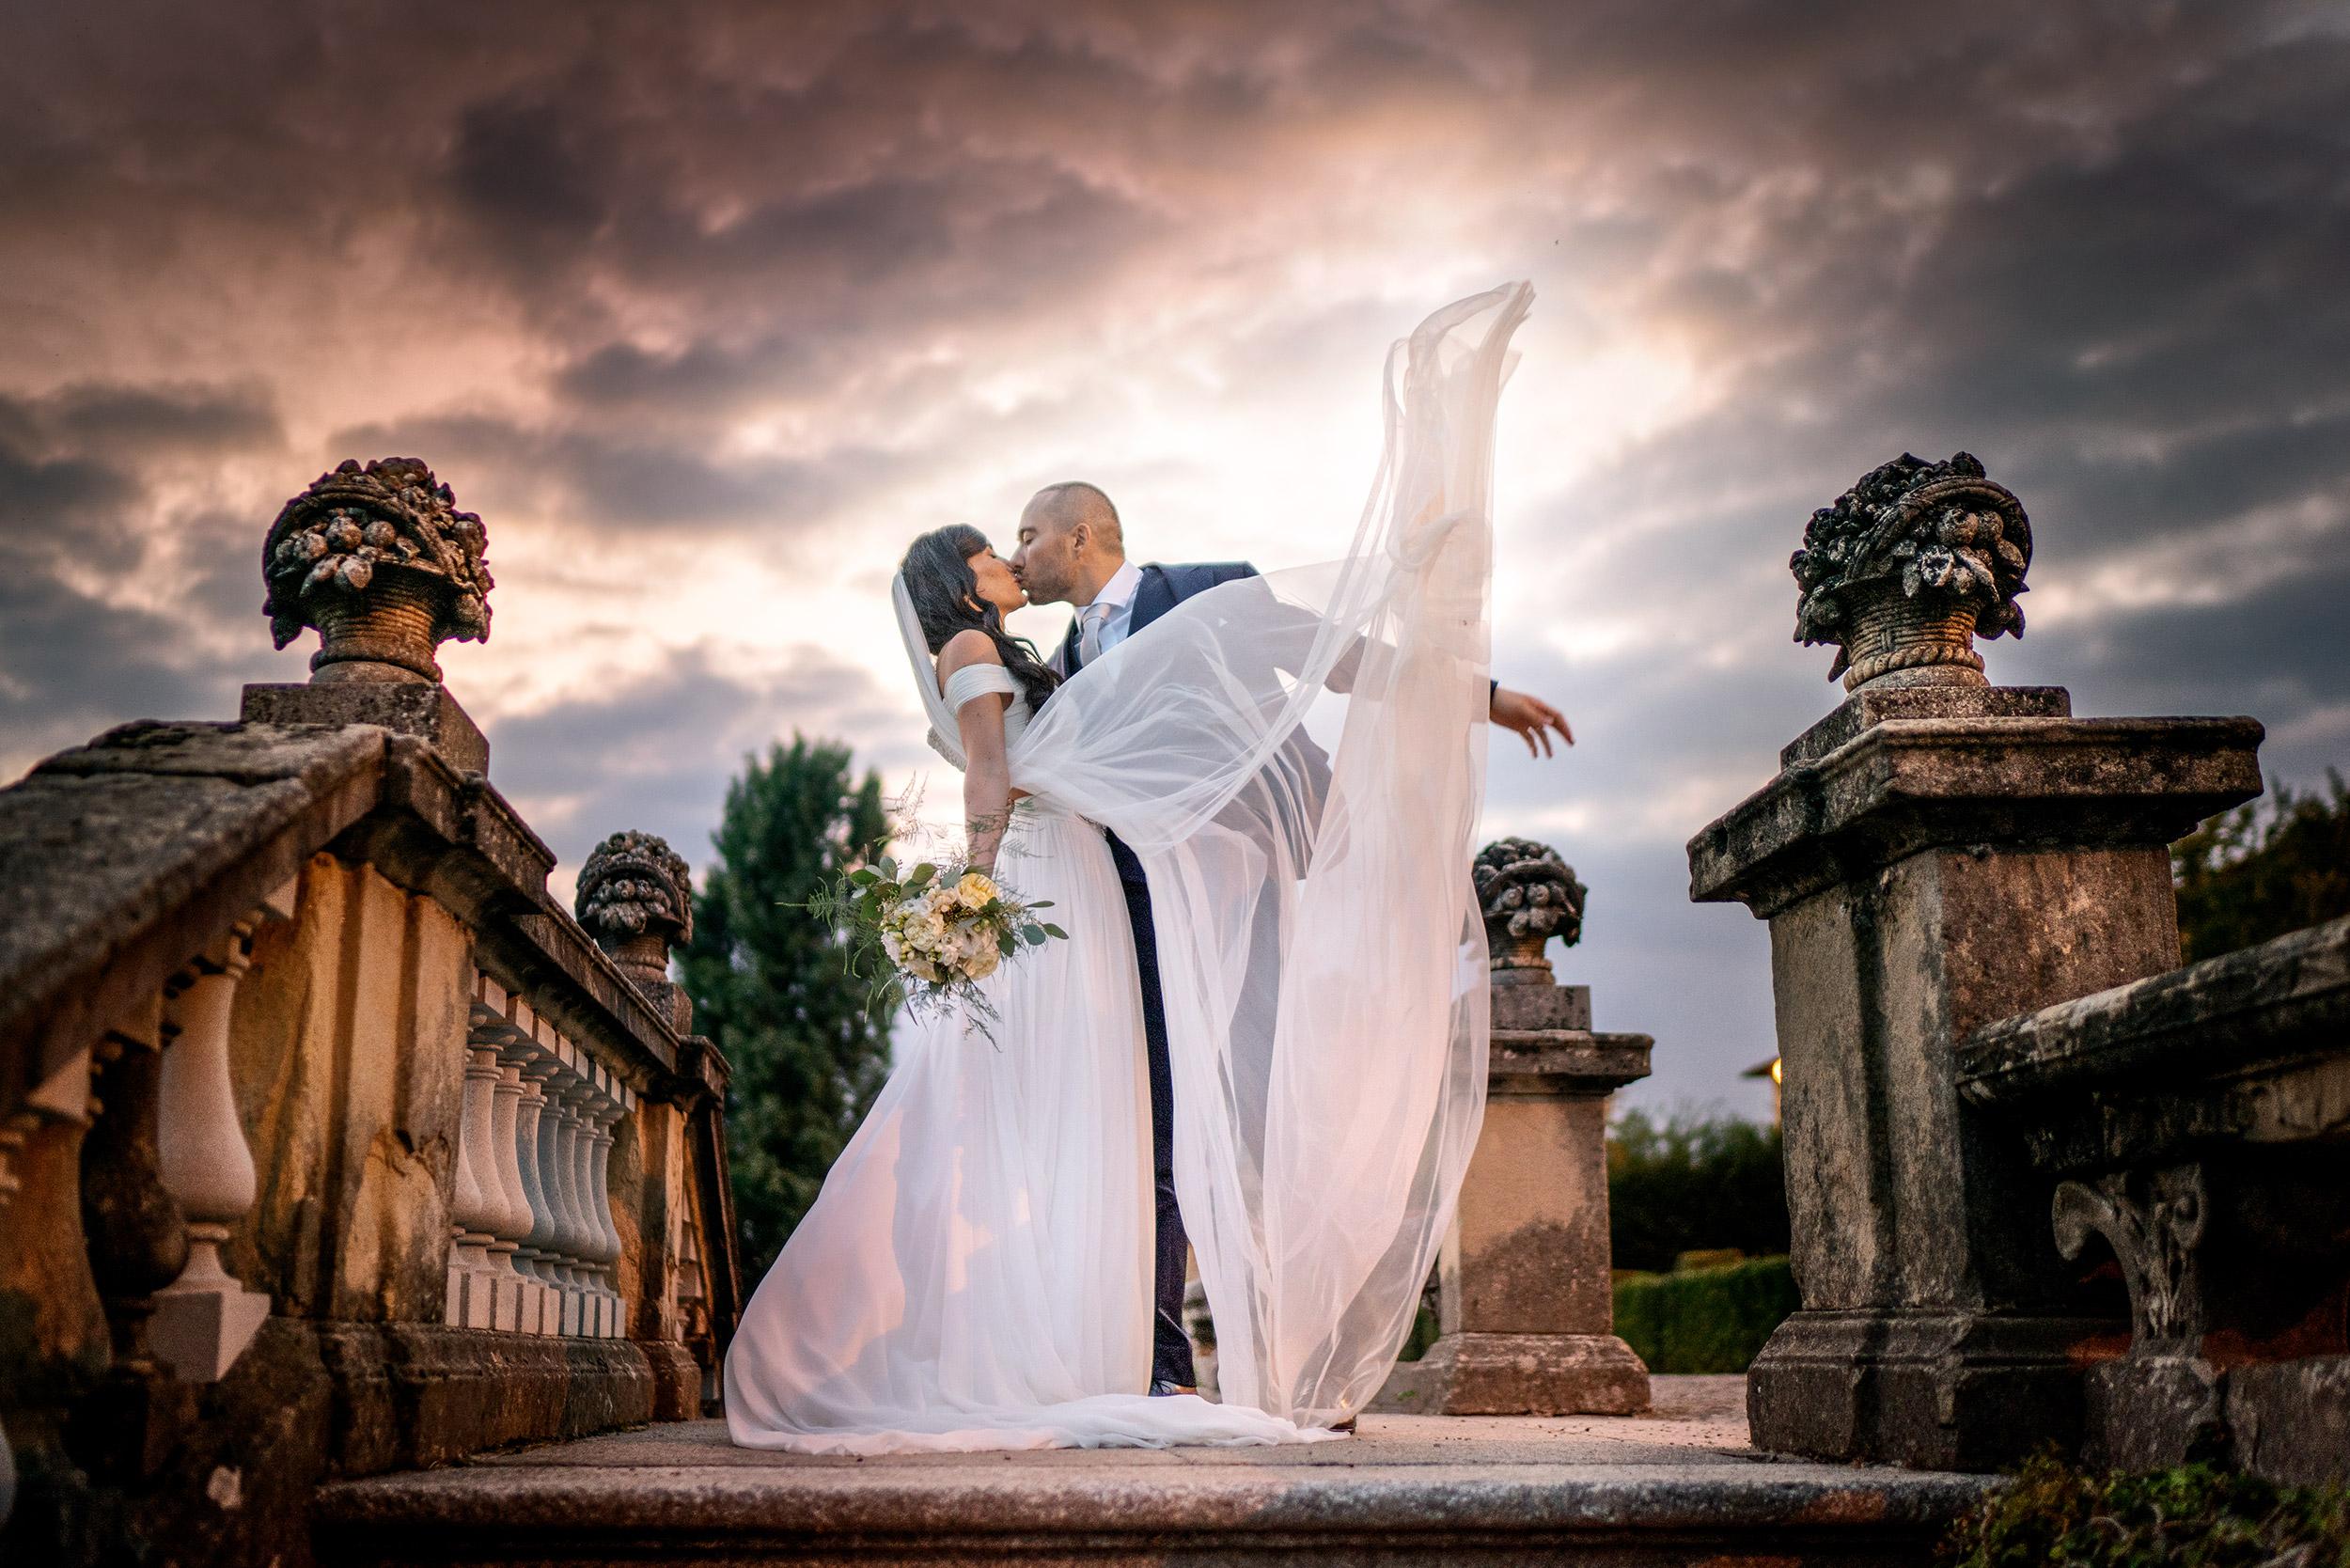 000 reportage sposi foto matrimonio wedding villa orsini colonna imbersago lecco copia 1